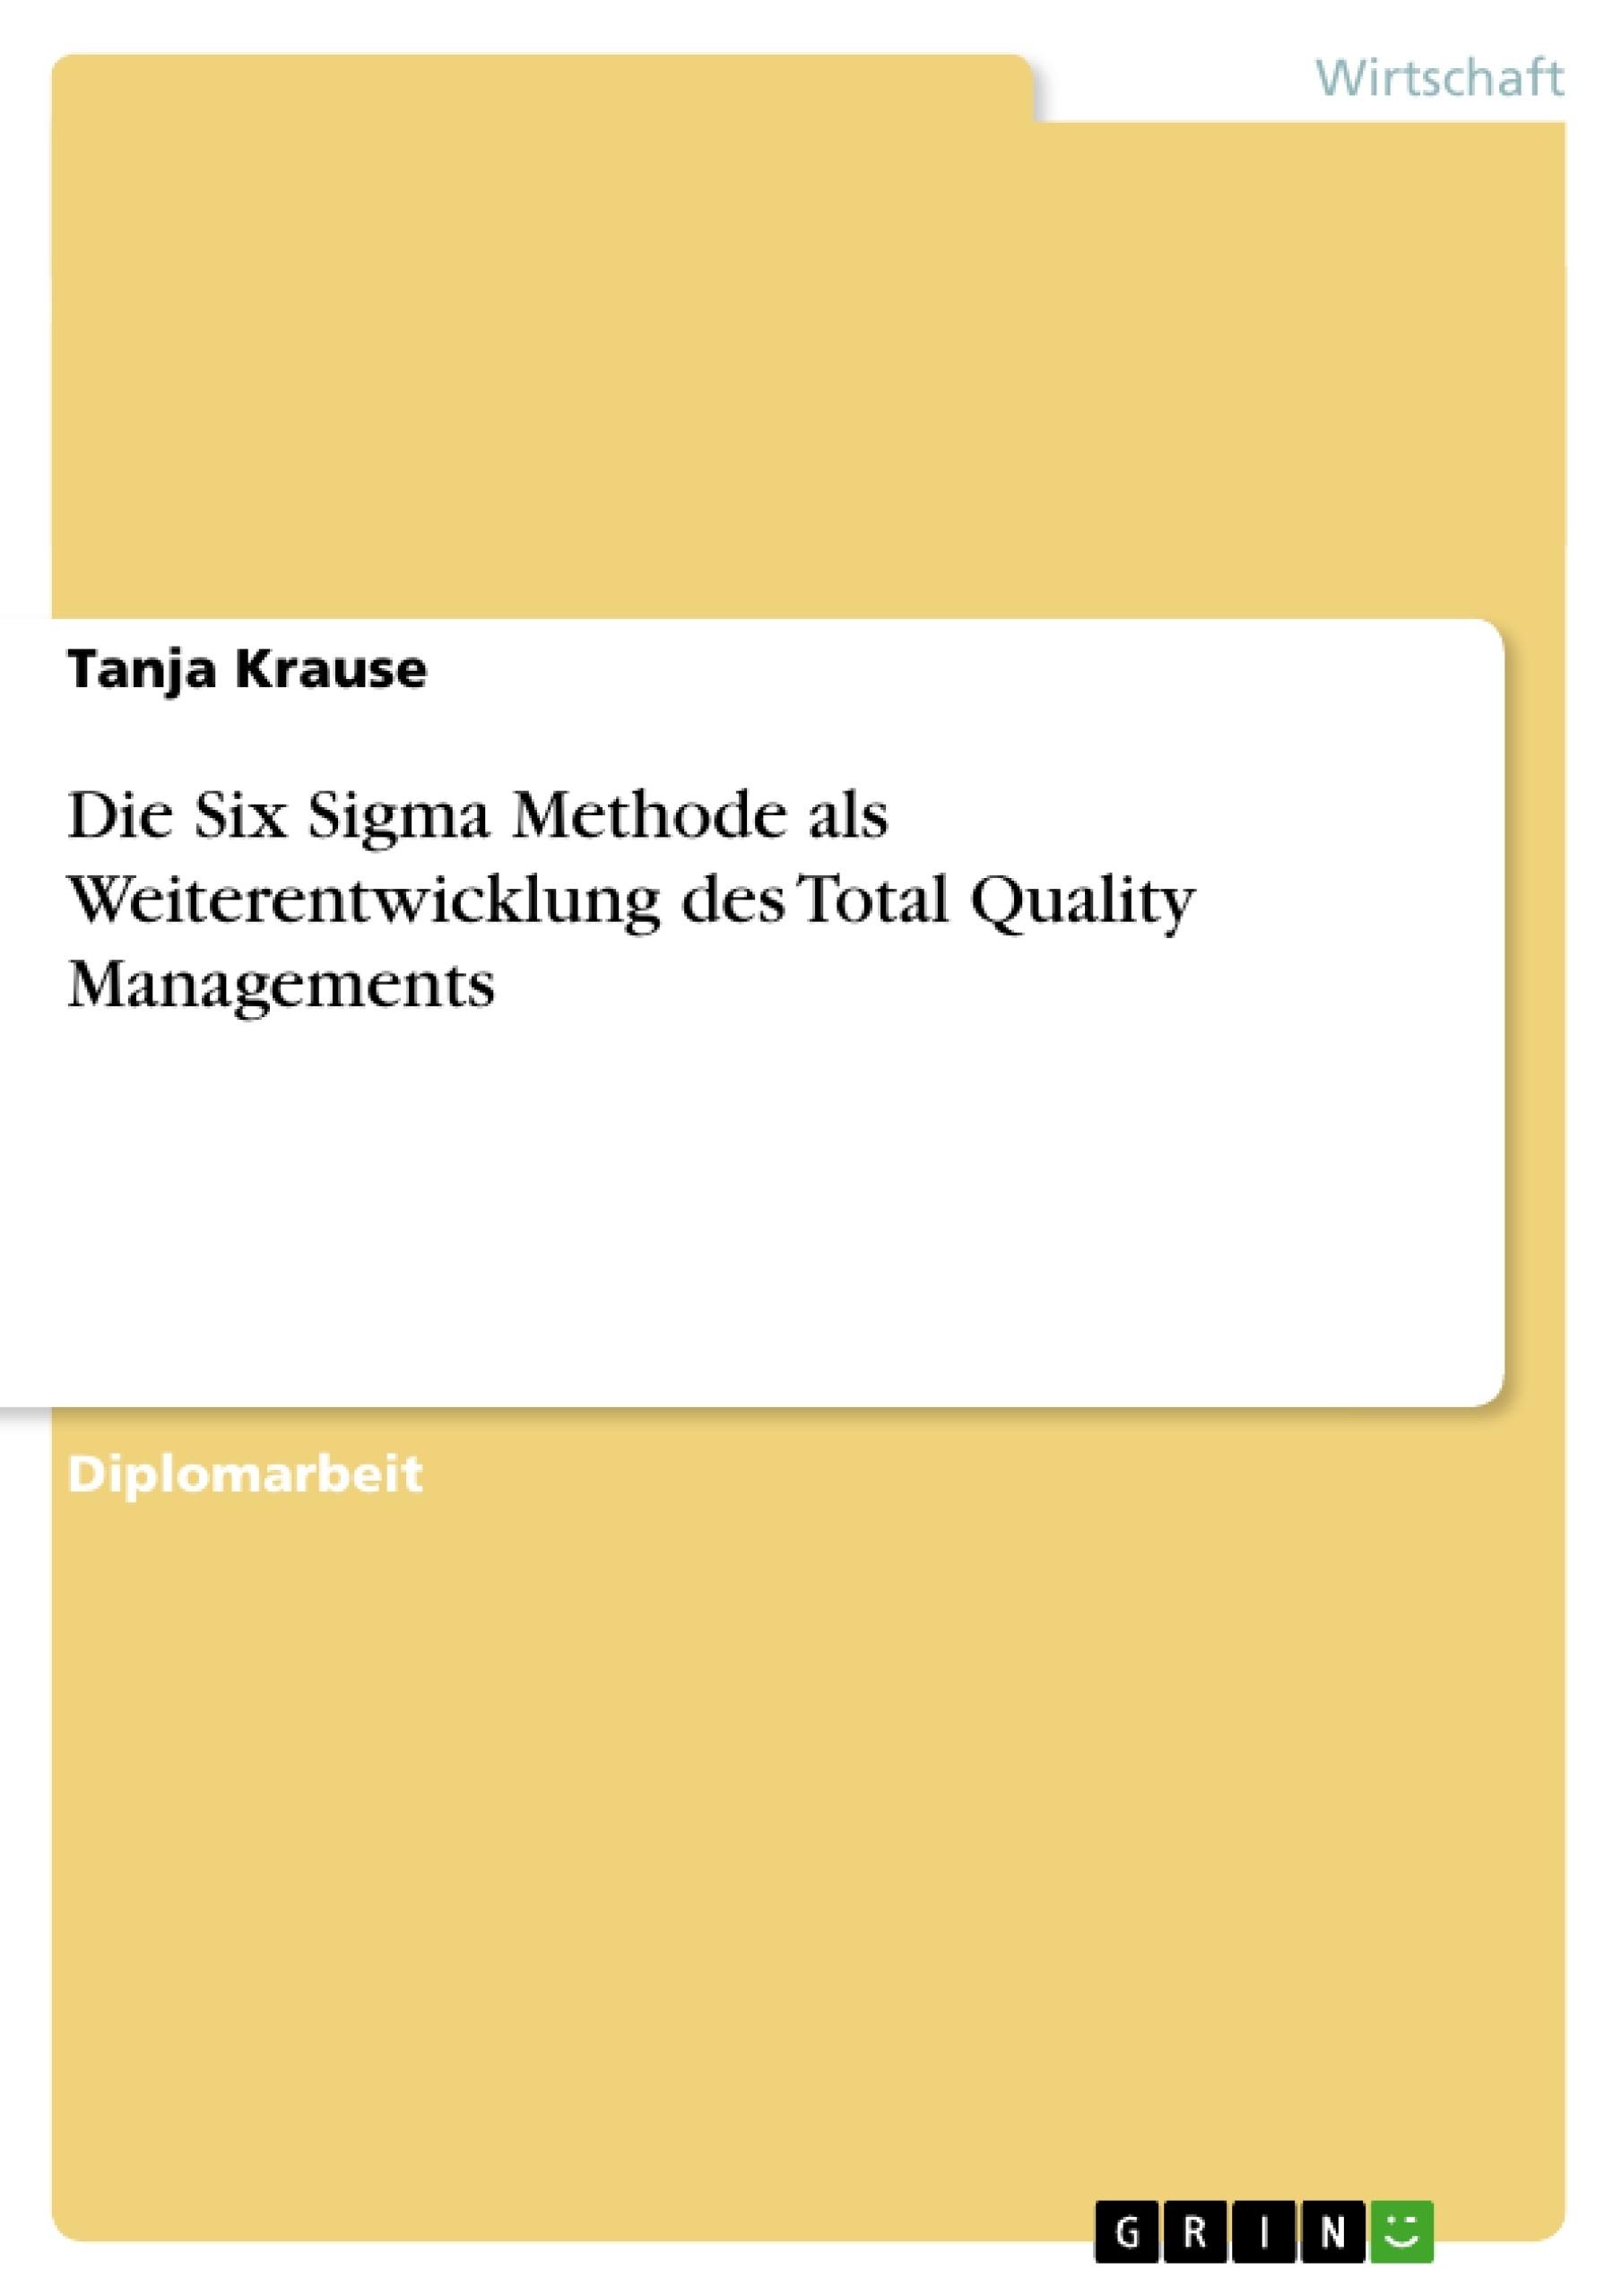 Titel: Die Six Sigma Methode als Weiterentwicklung des Total Quality Managements